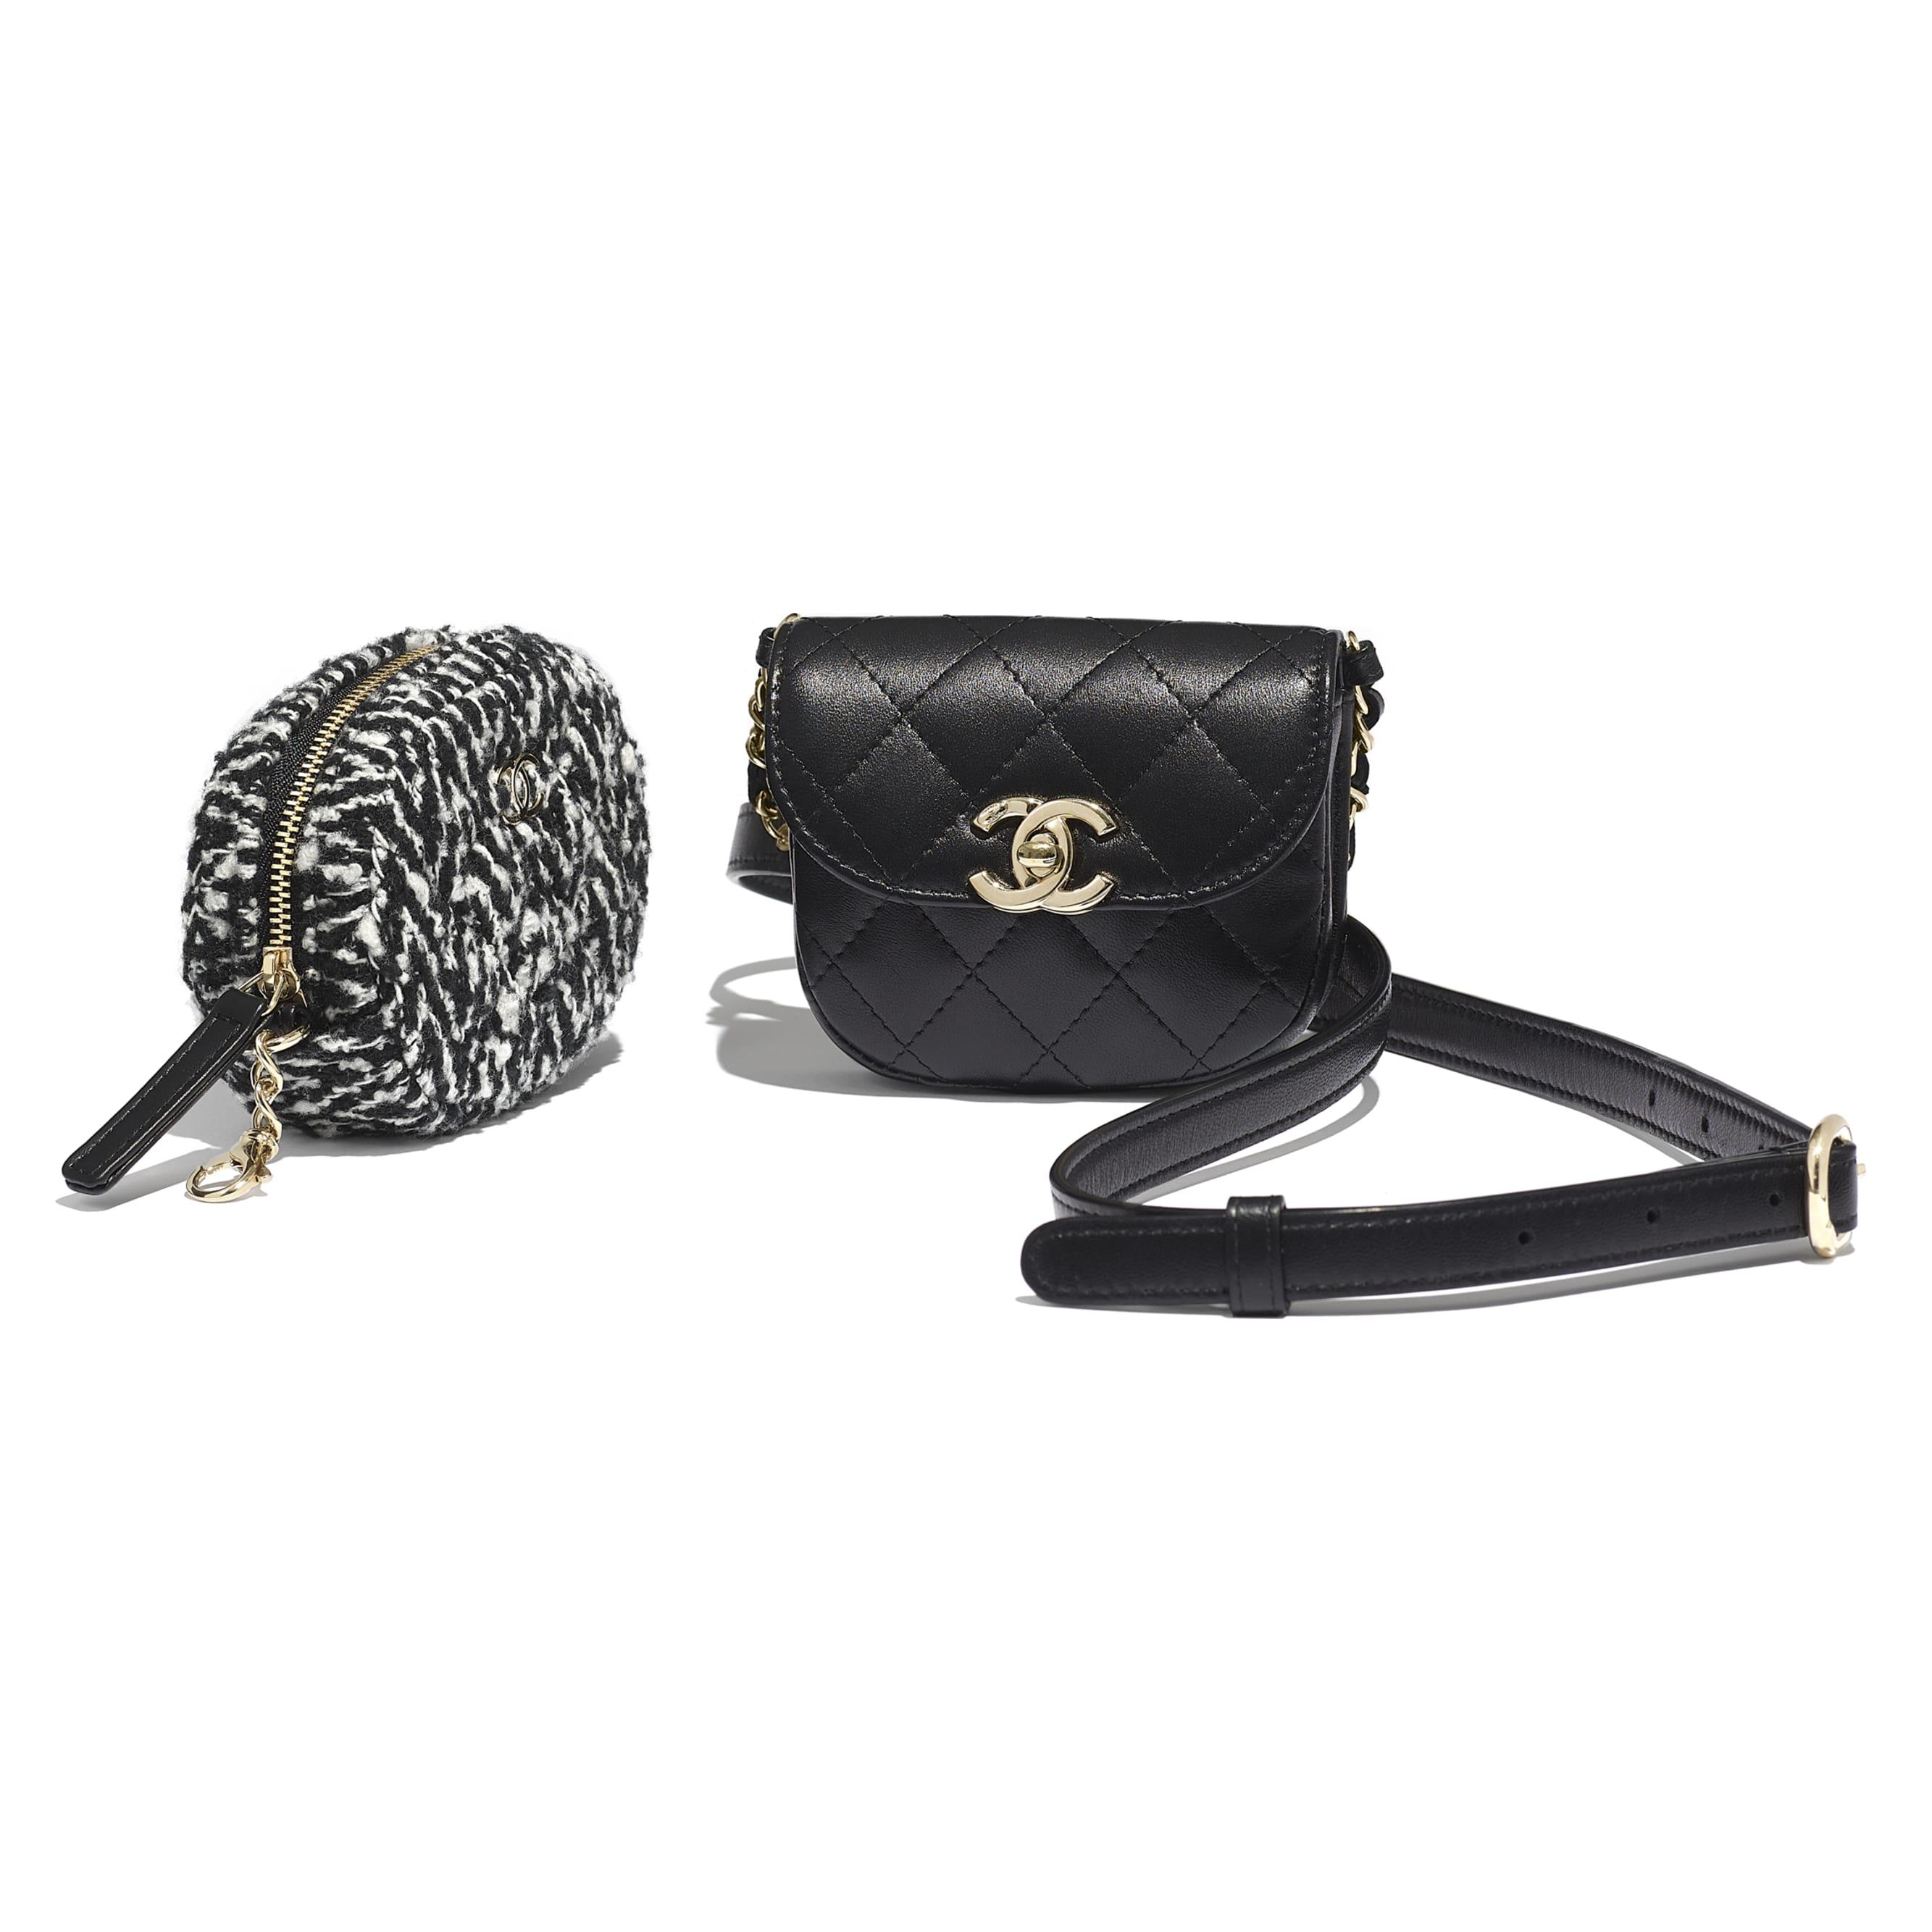 Поясная сумка с кошельком для монет - Черный и белый - Кожа ягненка, твид и золотистый металл - Дополнительное изображение - посмотреть изображение стандартного размера